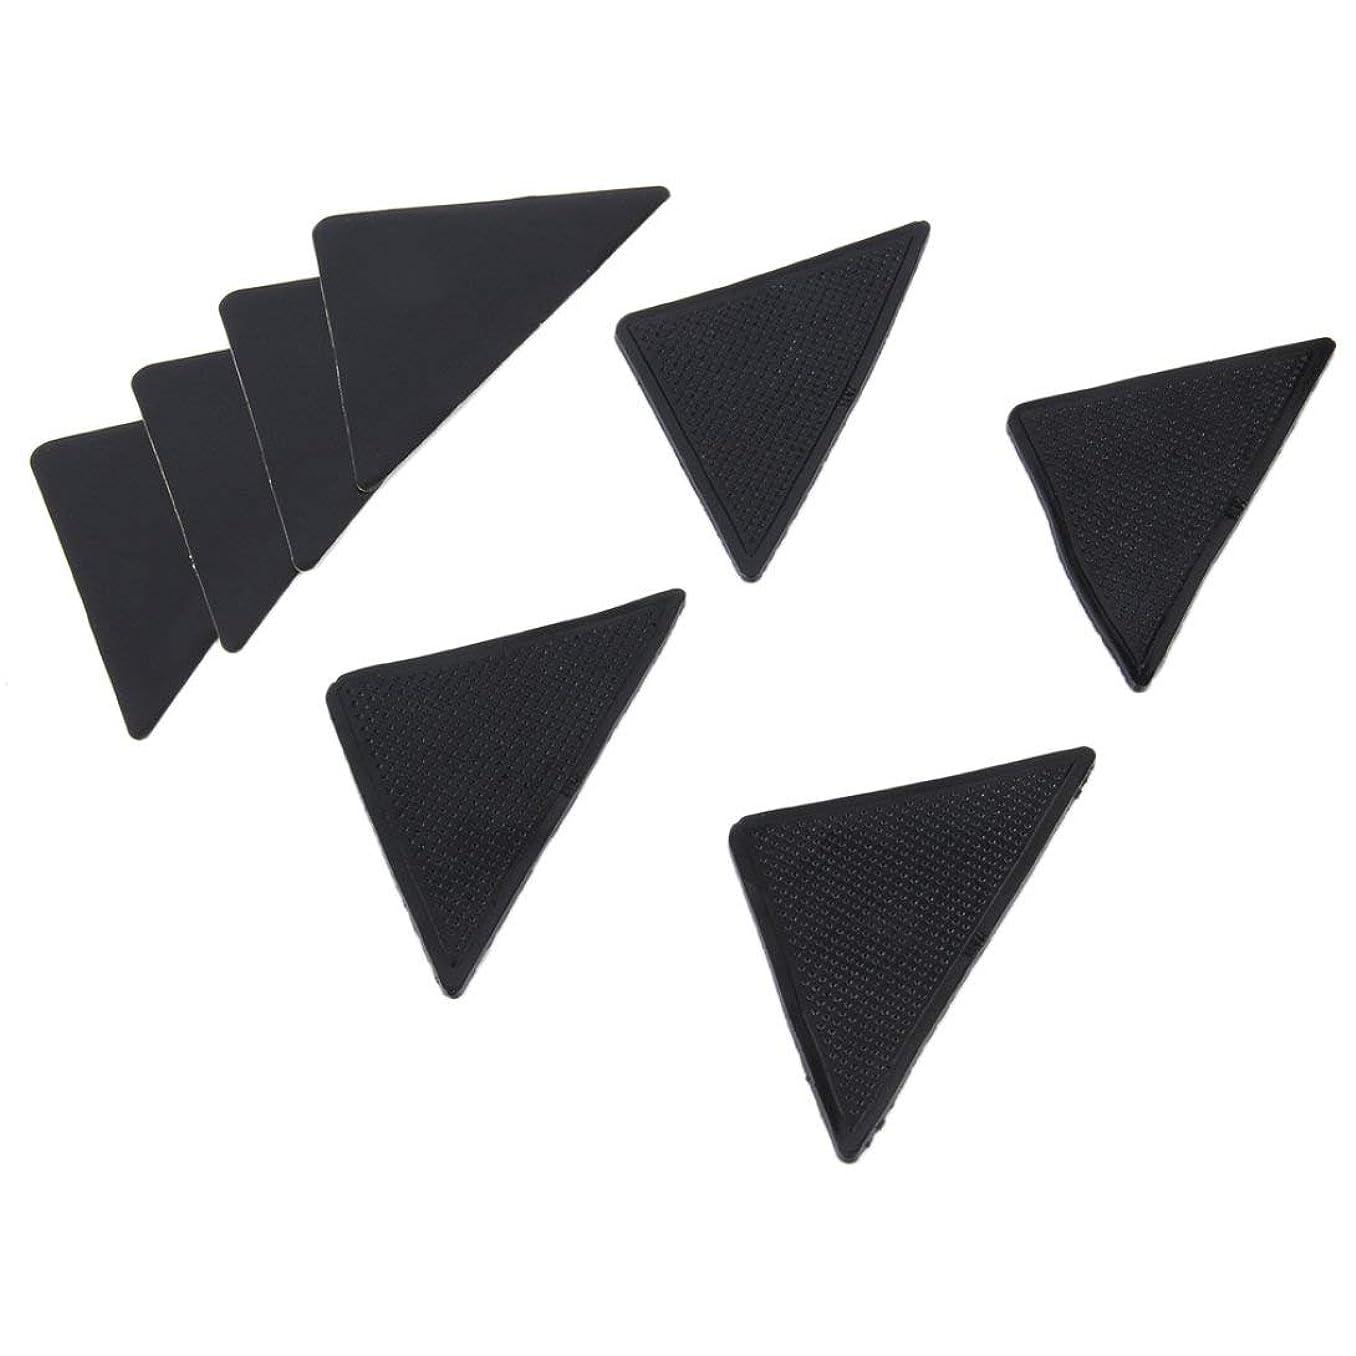 ジョットディボンドン入札兄弟愛Swiftgood 4個の敷物のカーペットのマットのグリッパーの非スリップの反スキッドの再使用可能なシリコーンのグリップパッド